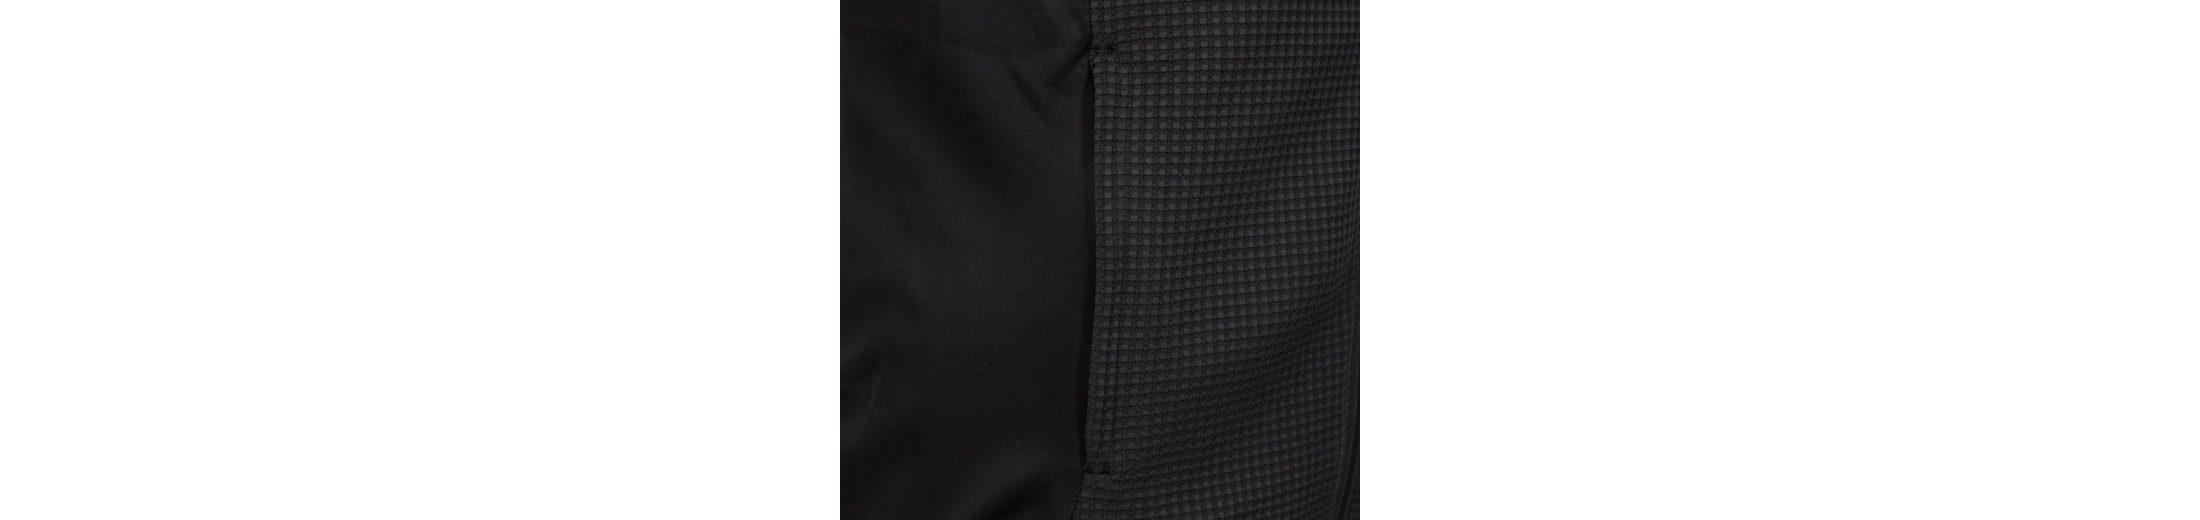 adidas Performance Laufjacke Ultra Auslass Empfehlen 7eNm8q90k